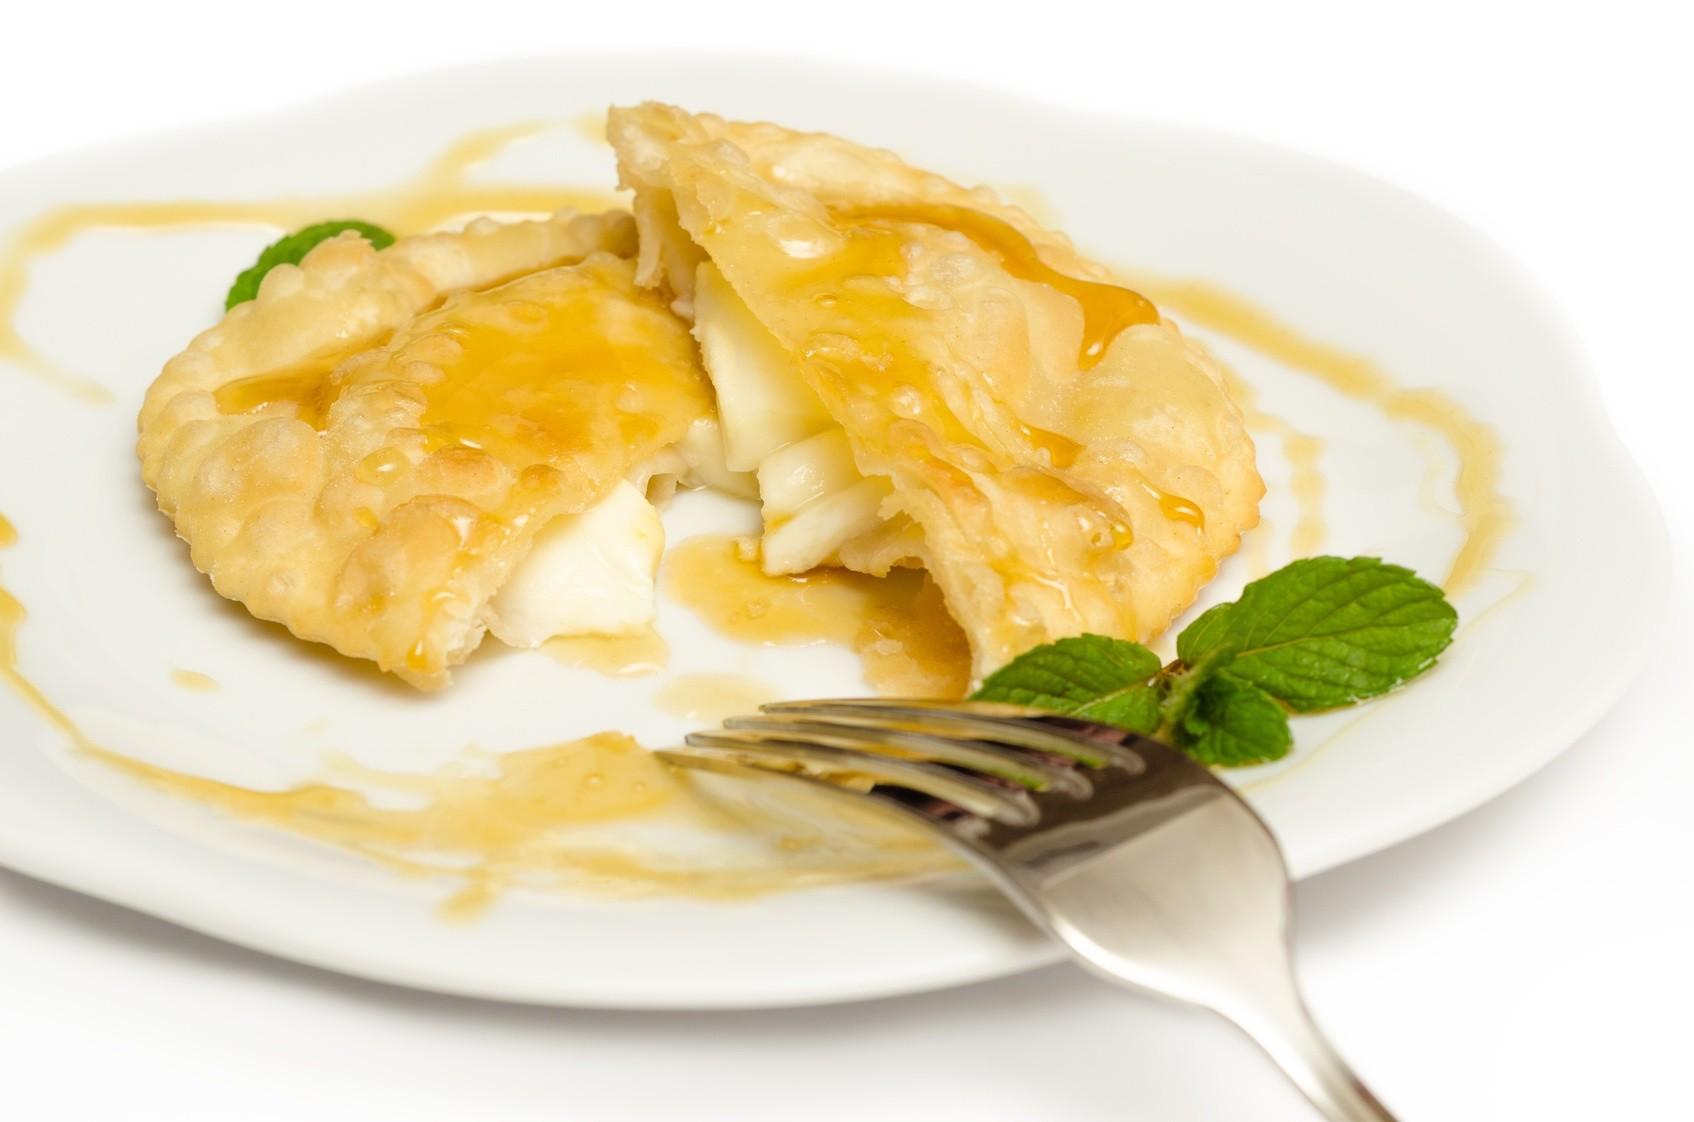 イタリア・サルデーニャ旅行で必食!伝統3選 ≪ドルチェ編≫